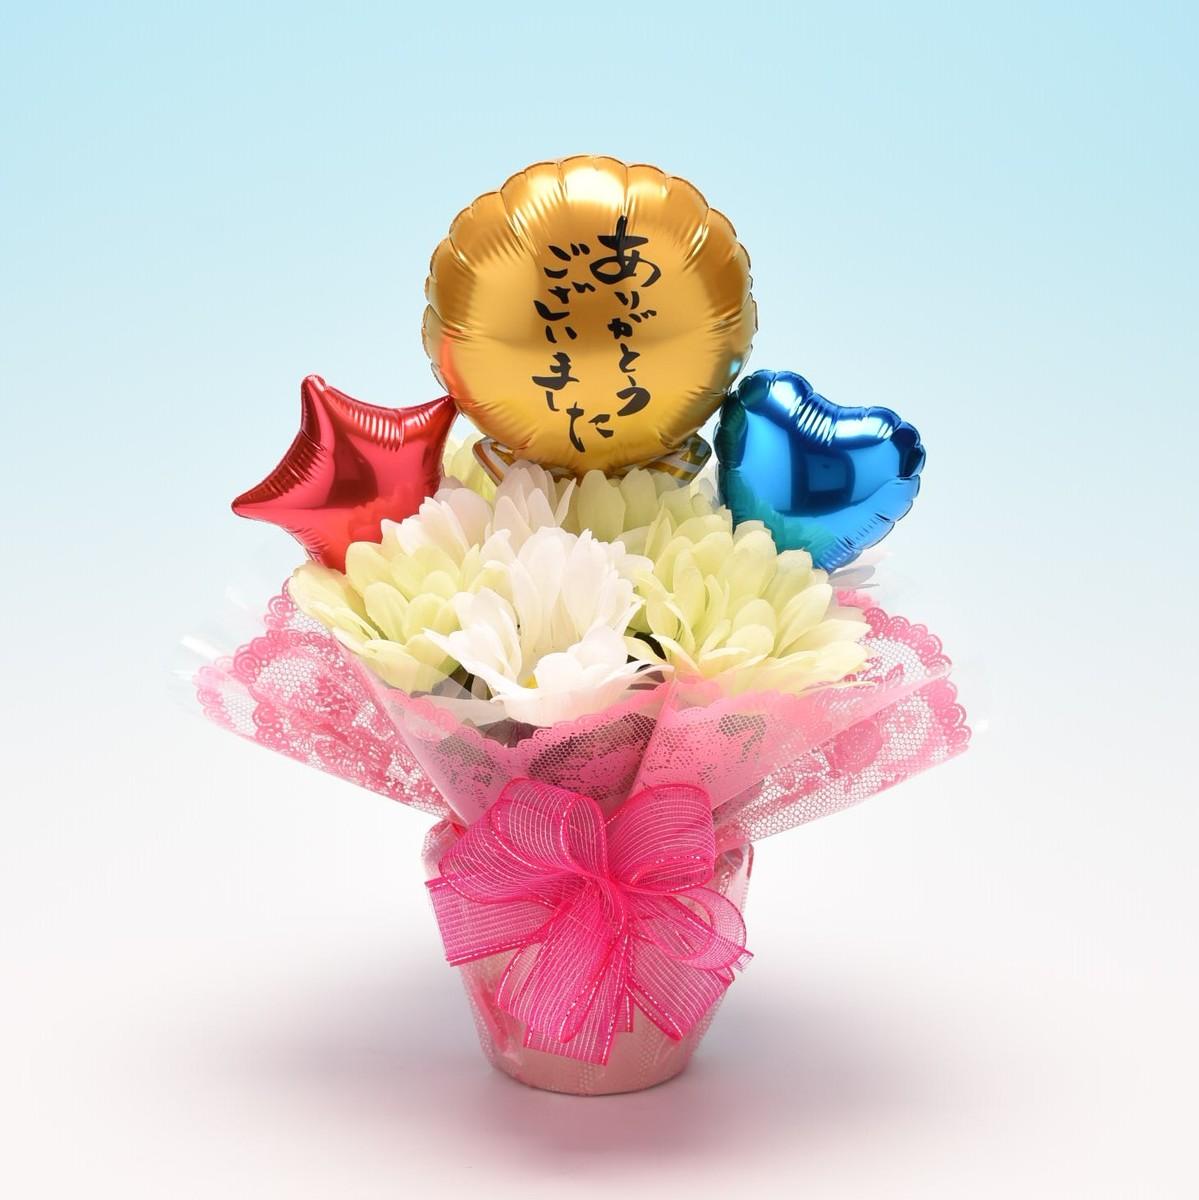 小さいけど抜群の存在感 バルーンと造花のコラボで長持ちします 喜んでいただけます 着後レビューで10%オフクーポン メッセージ バルーンポット お疲れ様でした 送別会 卒業 ギフト ショップ 飾り 花束 バラ バルーン ピンク バルーンブーケ 青 アレンジバルーン 薔薇 限定タイムセール ガーベラ 風船 メッセージバルーン 赤 アルミバルーン 白 バルーンギフト